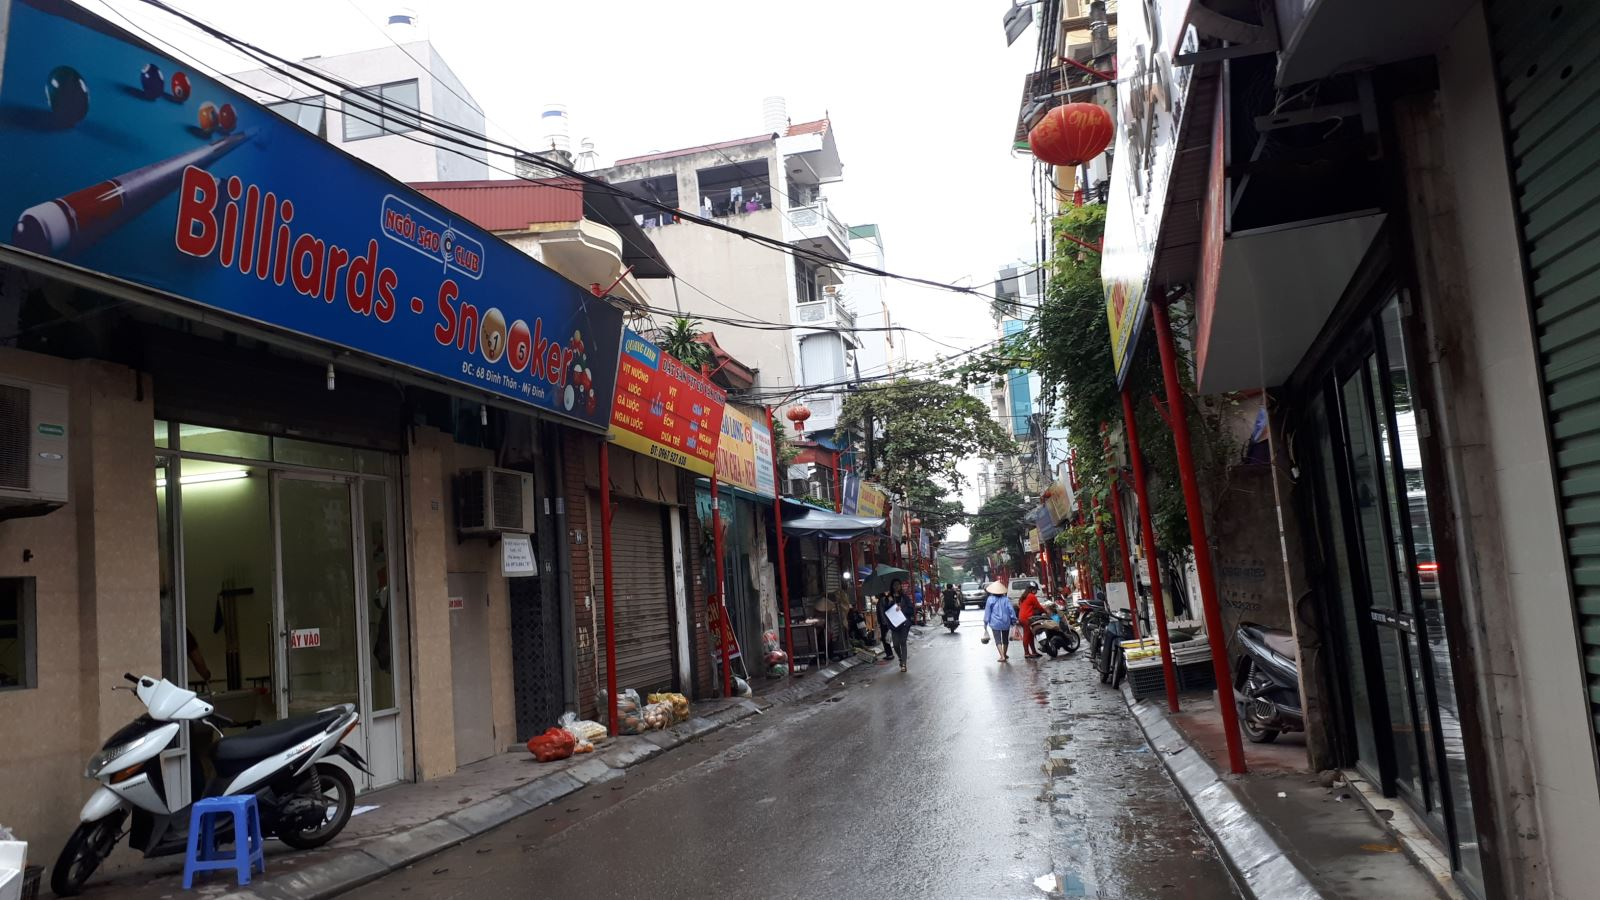 Lạ mắt với hàng cột, biển 'đồng phục' tại tuyến phố kiểu mẫu thứ 2 của Hà Nội - Ảnh 5.